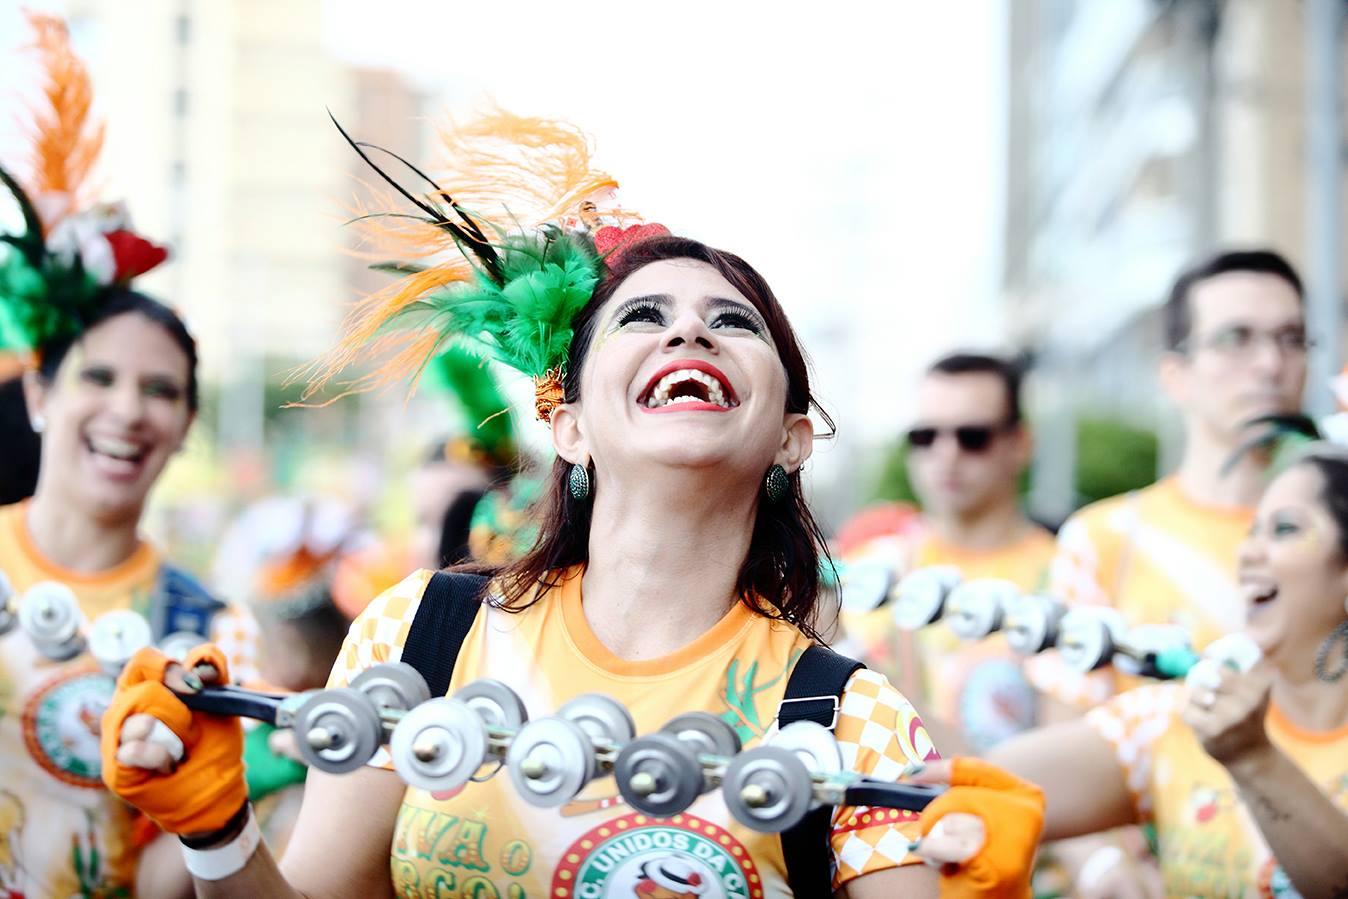 Prefeitura de Fortaleza divulgada atrações para o Carnaval de Fortaleza